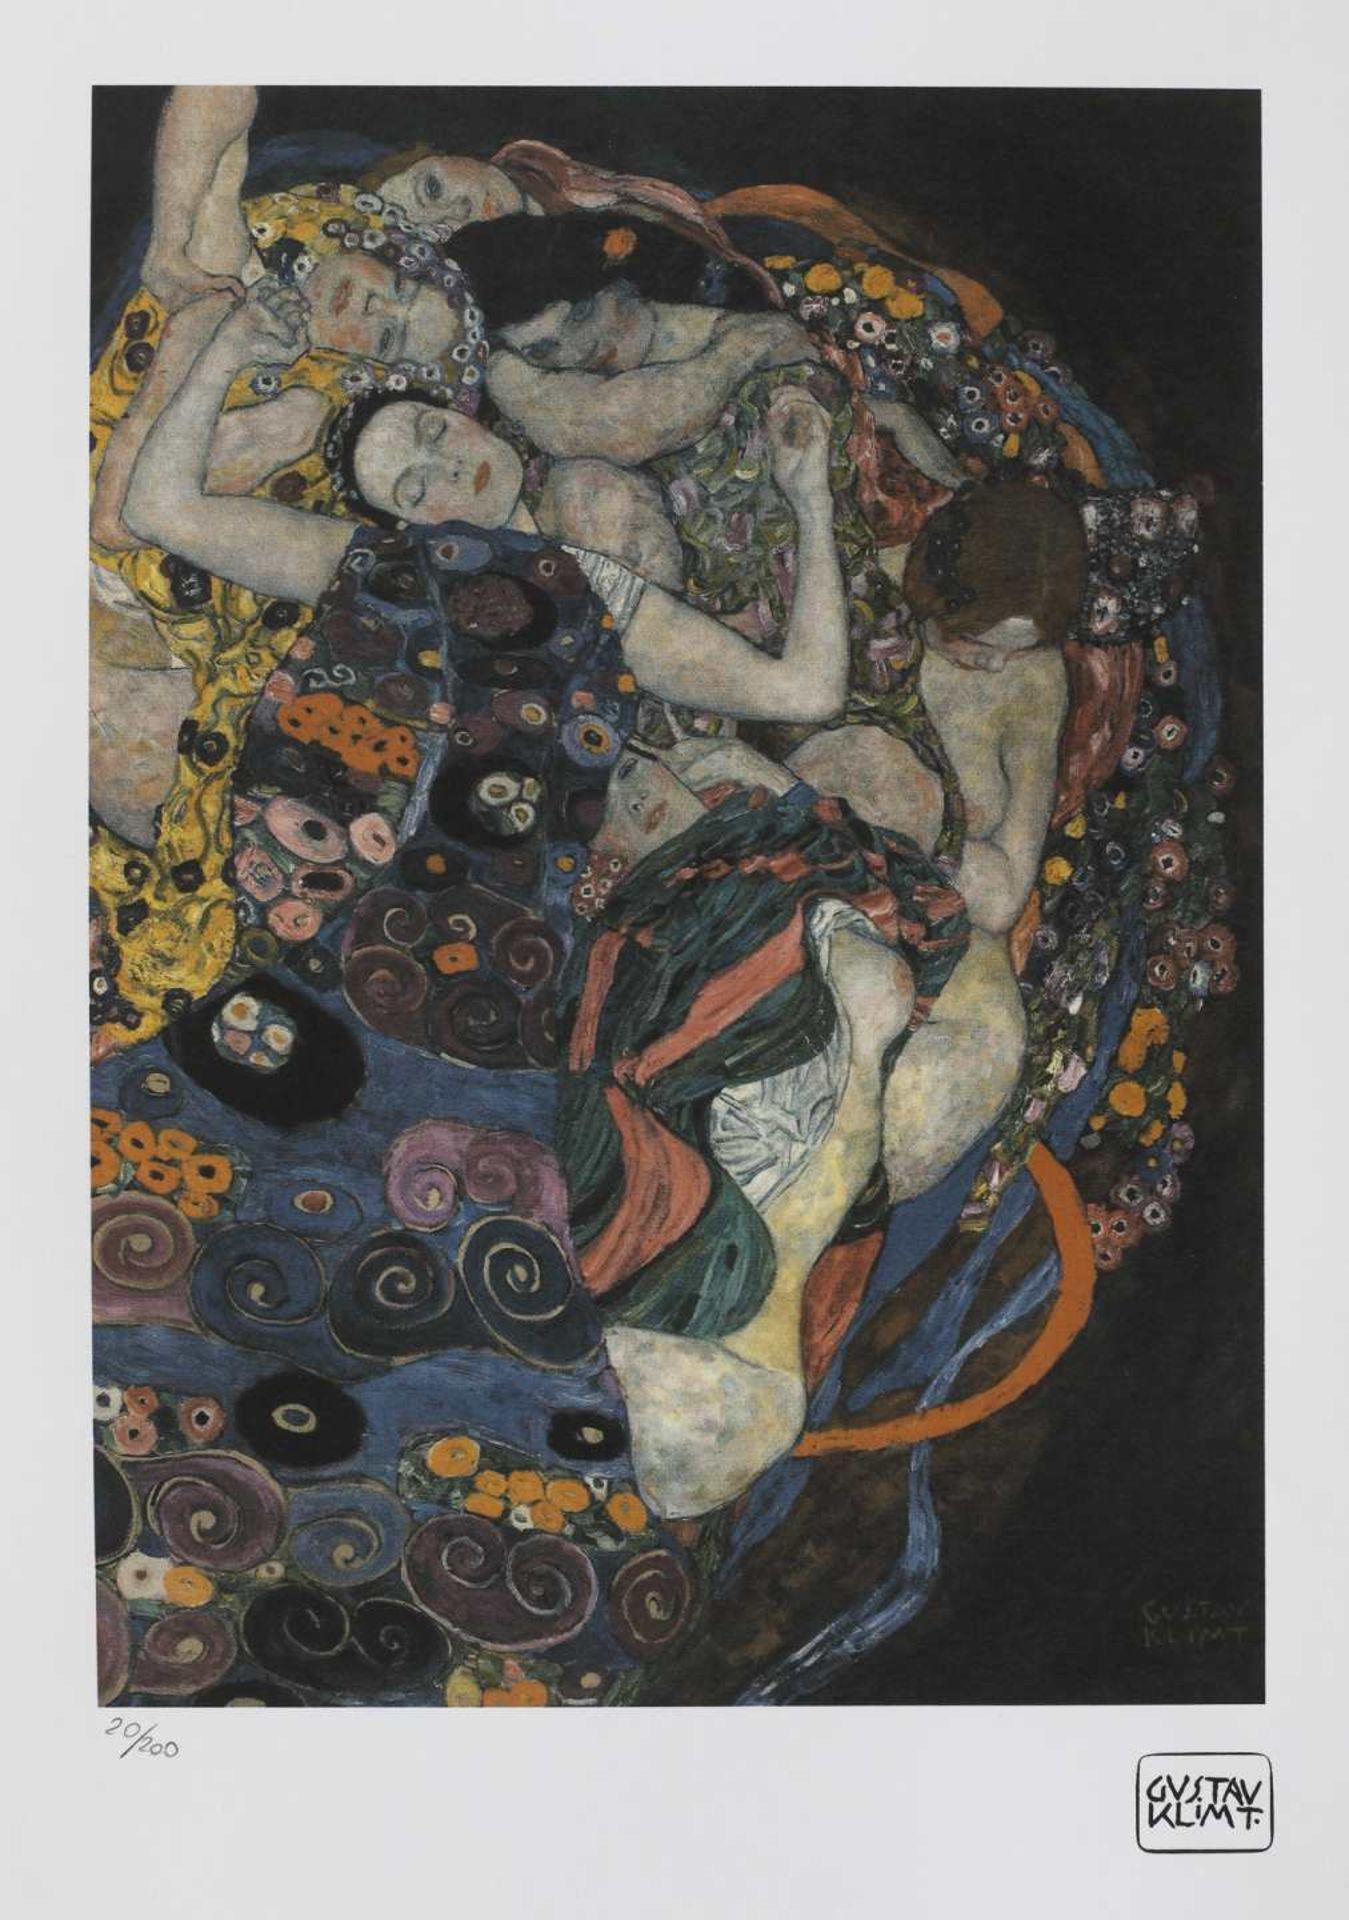 Gustav Klimt, The VirginGustav Klimt, The Virgin, chromolithography, 39 × 28 cm, signed bottom